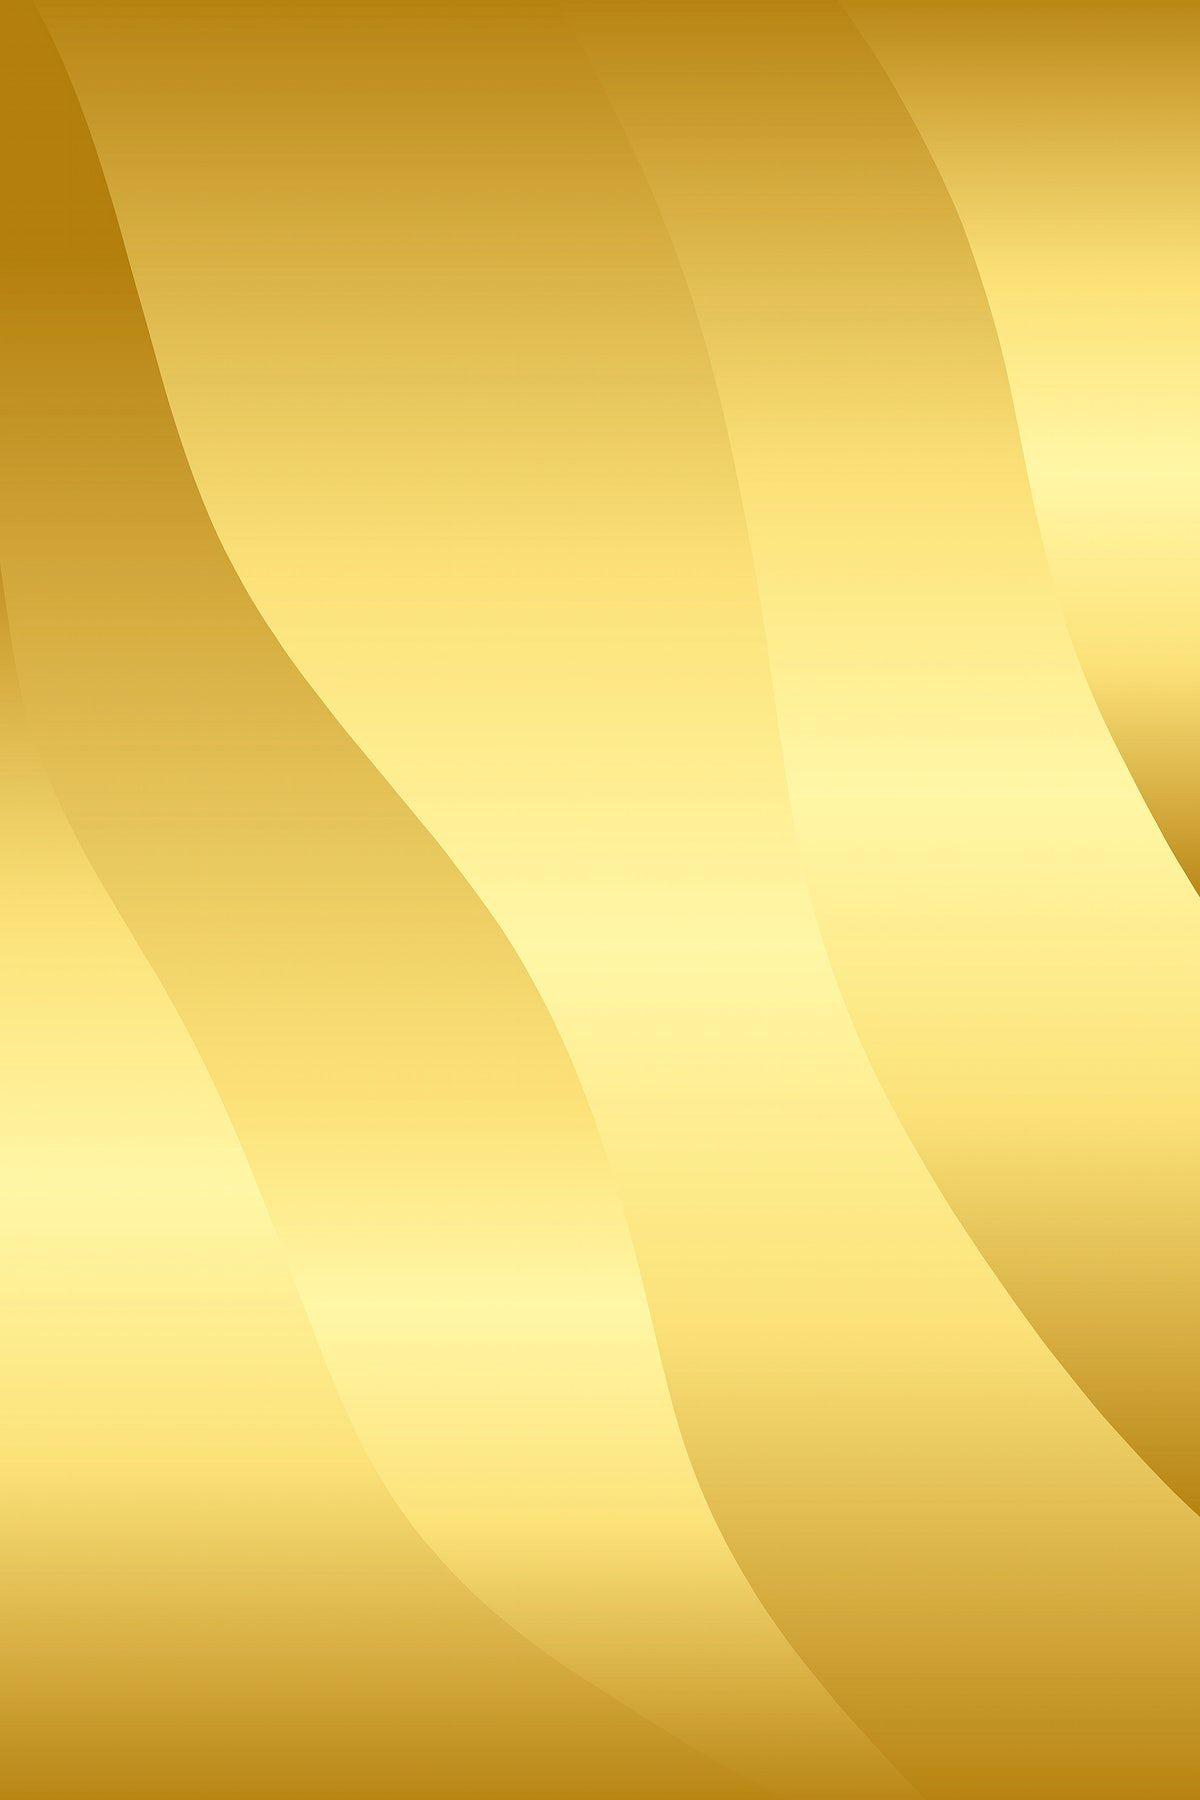 Gold Gradient Background : gradient, background, Download, Premium, Illustration, Gradient, Layer, Patterned, Background, Gradient,, Patterns,, Illustrator